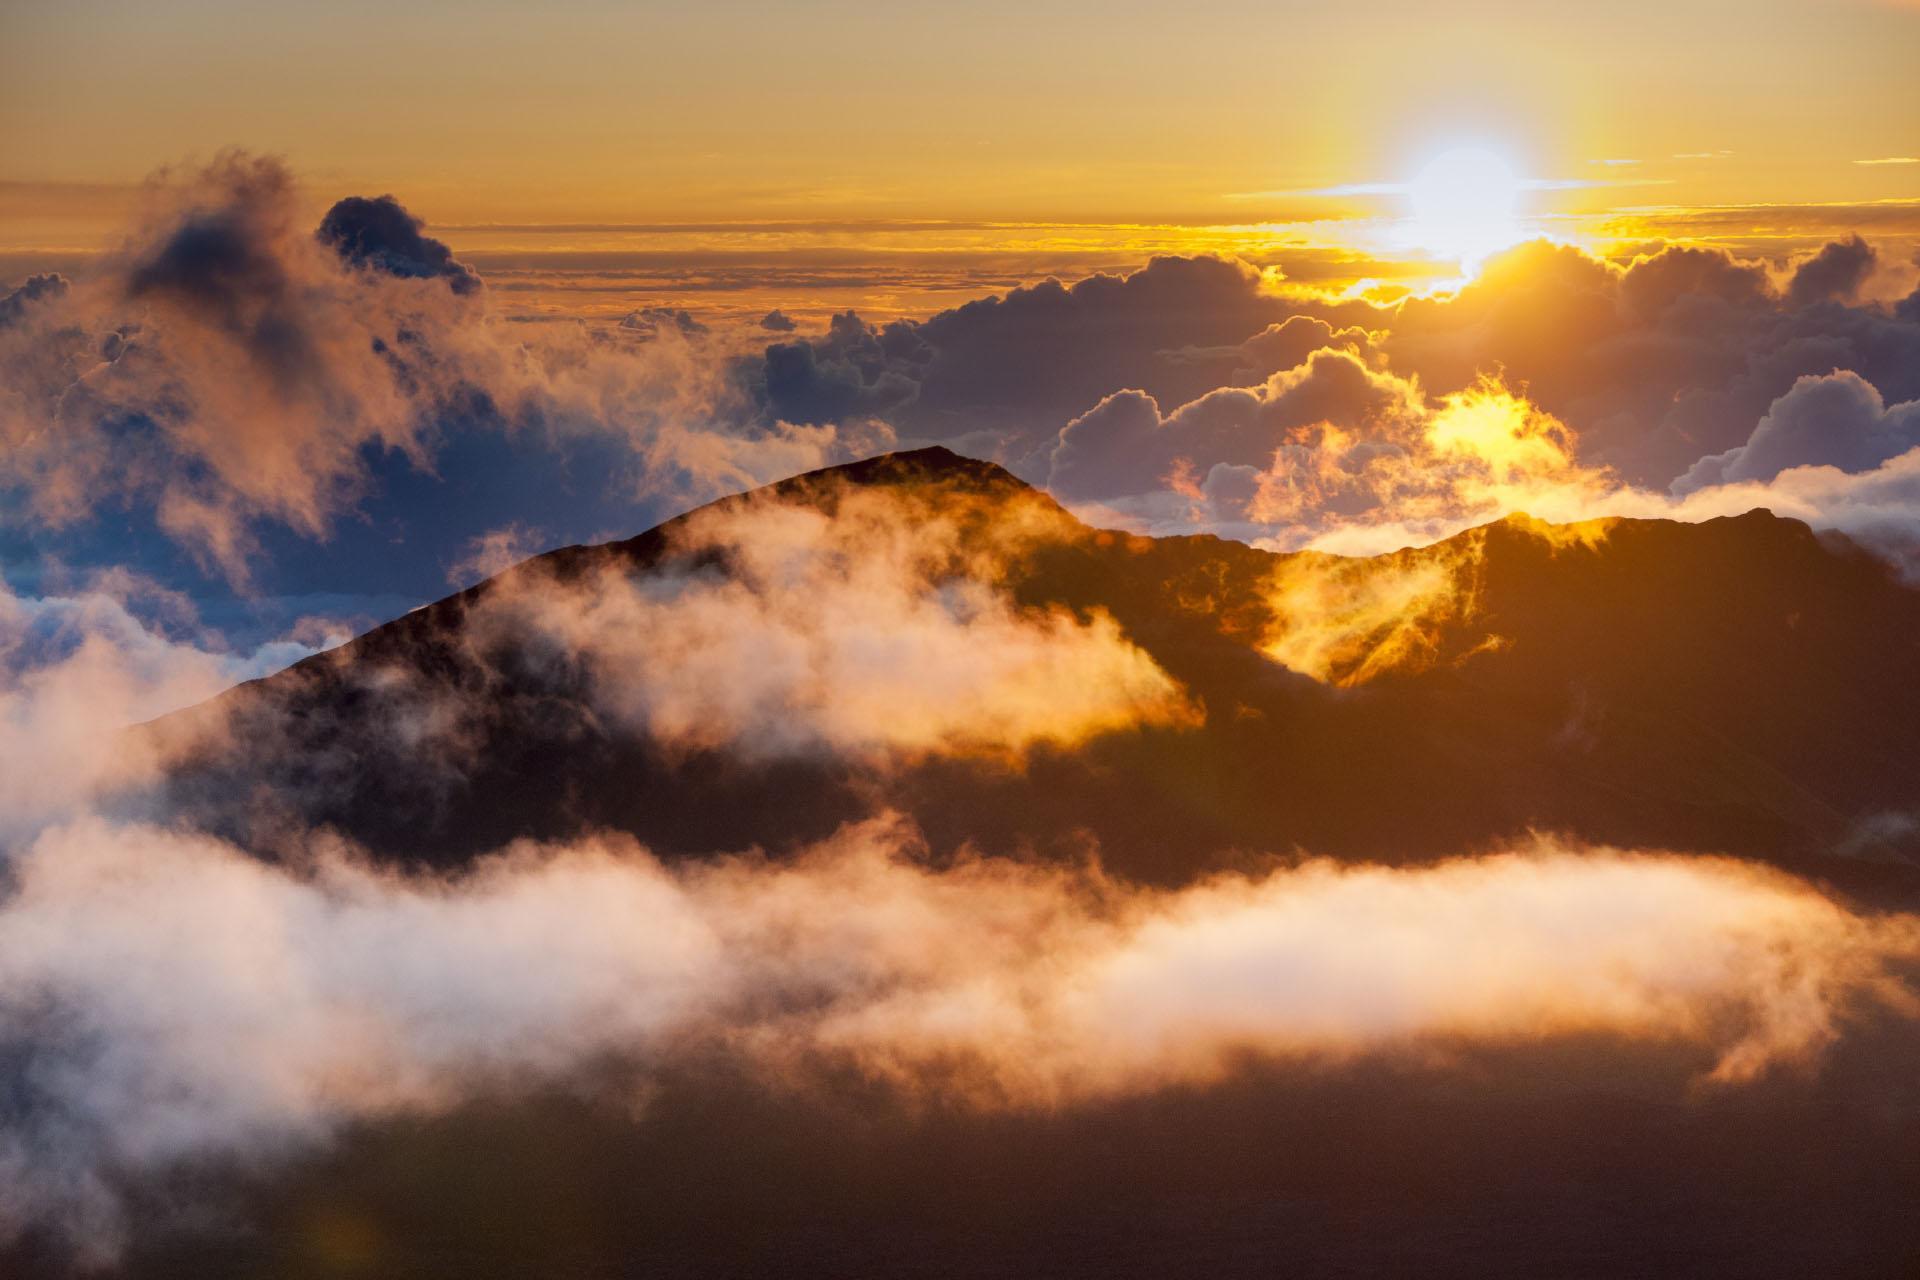 マウイ島ハレアカラクレーターの日の出の風景 ハワイの風景